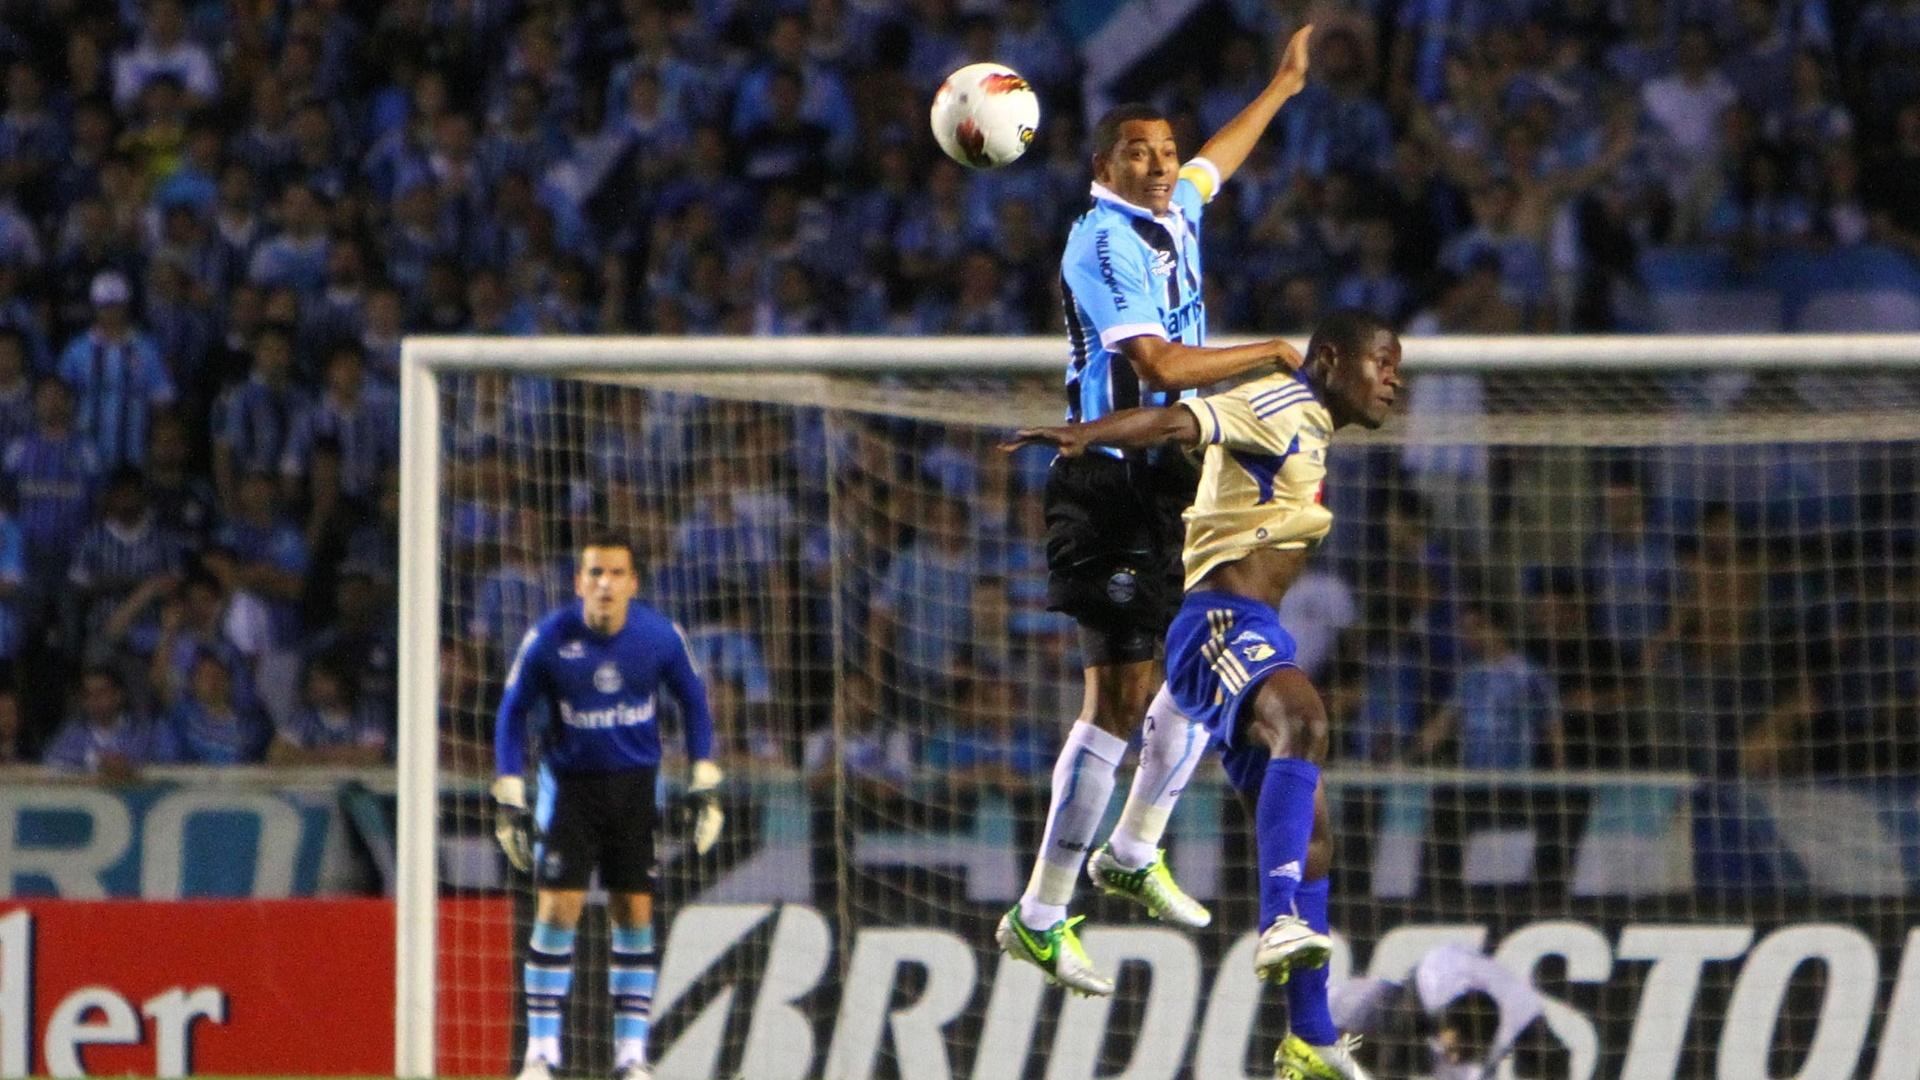 Gilberto Silva sobe para disputar bola no alto com jogador do Millonarios, durante partida no Olímpico